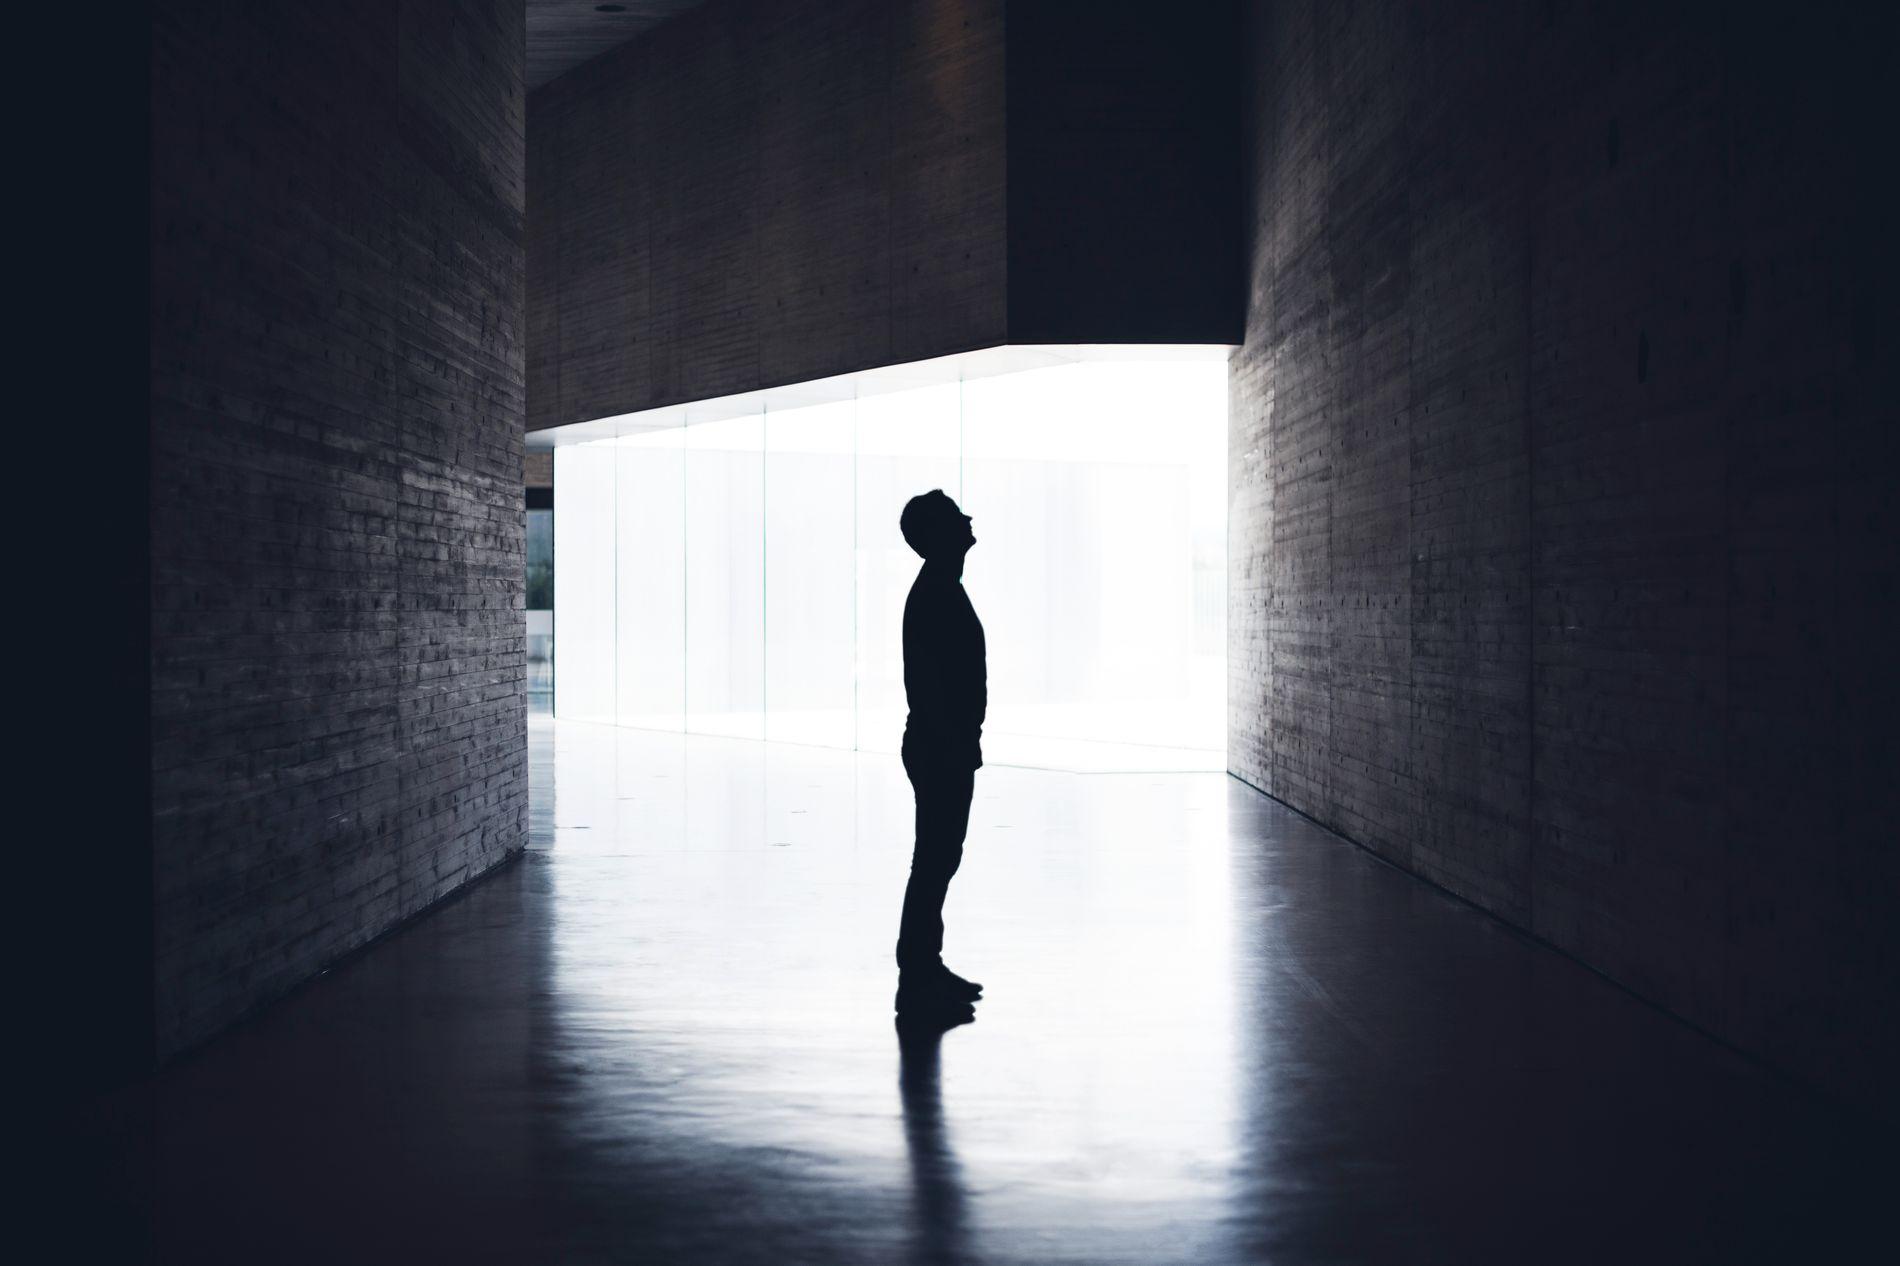 BEDT OM HJELP: En ny rapport fastslår at 1910 av selvmordene de siste årene, er begått av pasienter som har hatt kontakt med spesialisthelsetjenesten for psykisk helse og rus i sitt siste leveår.